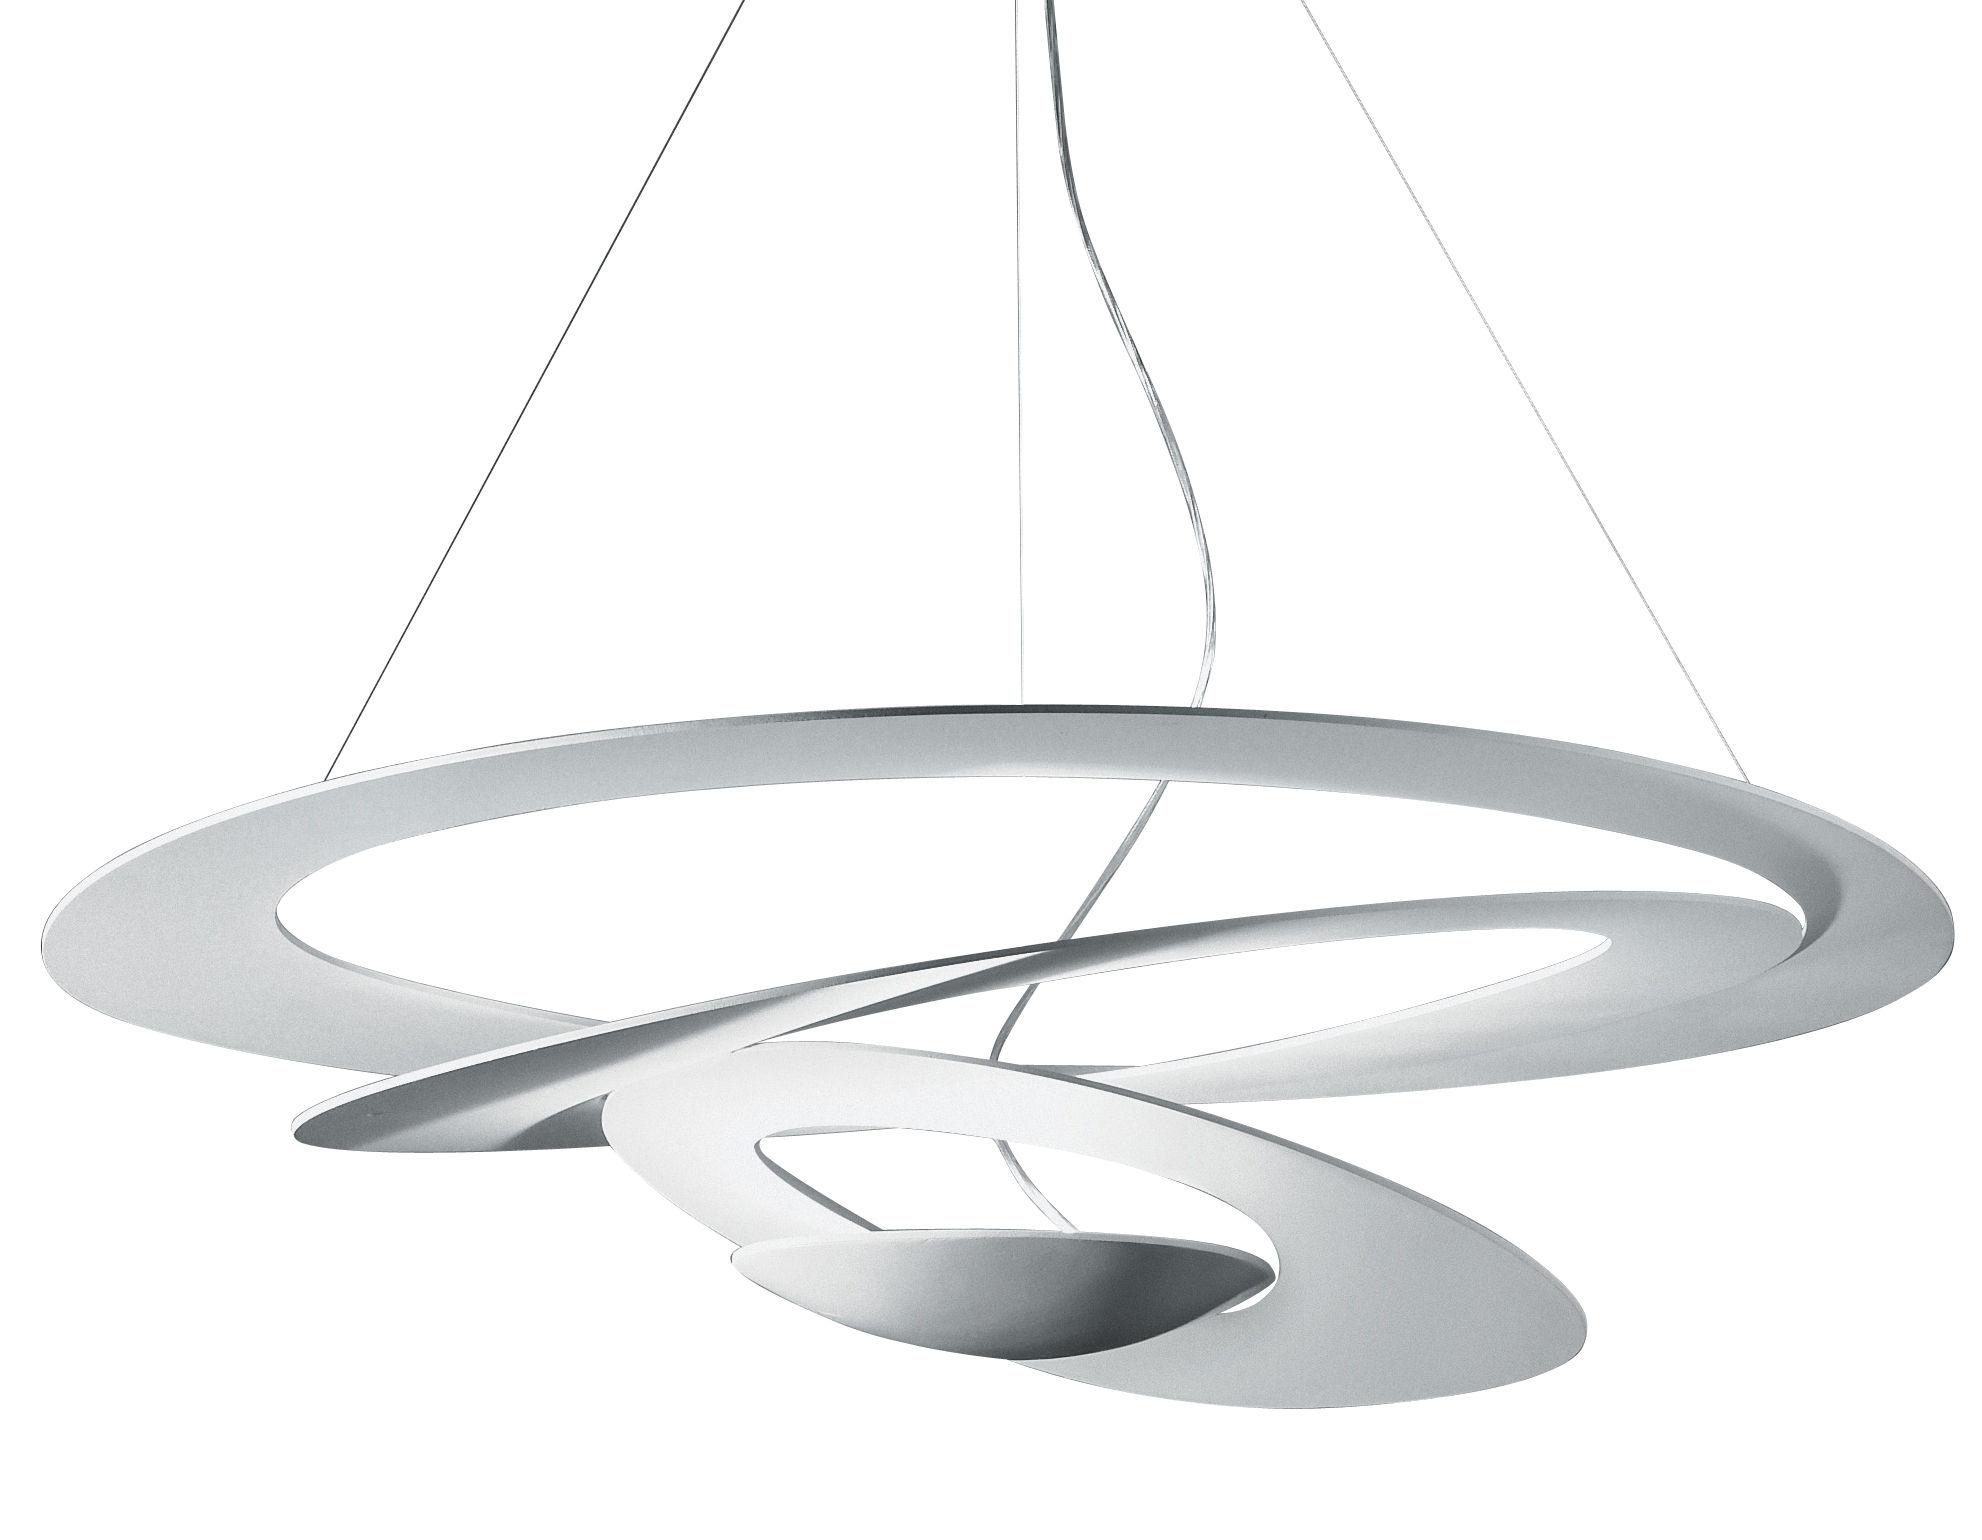 Leuchten - Pirce LED Pendelleuchte / Ø 97 cm - Artemide - Weiß - klarlackbeschichtetes Aluminium